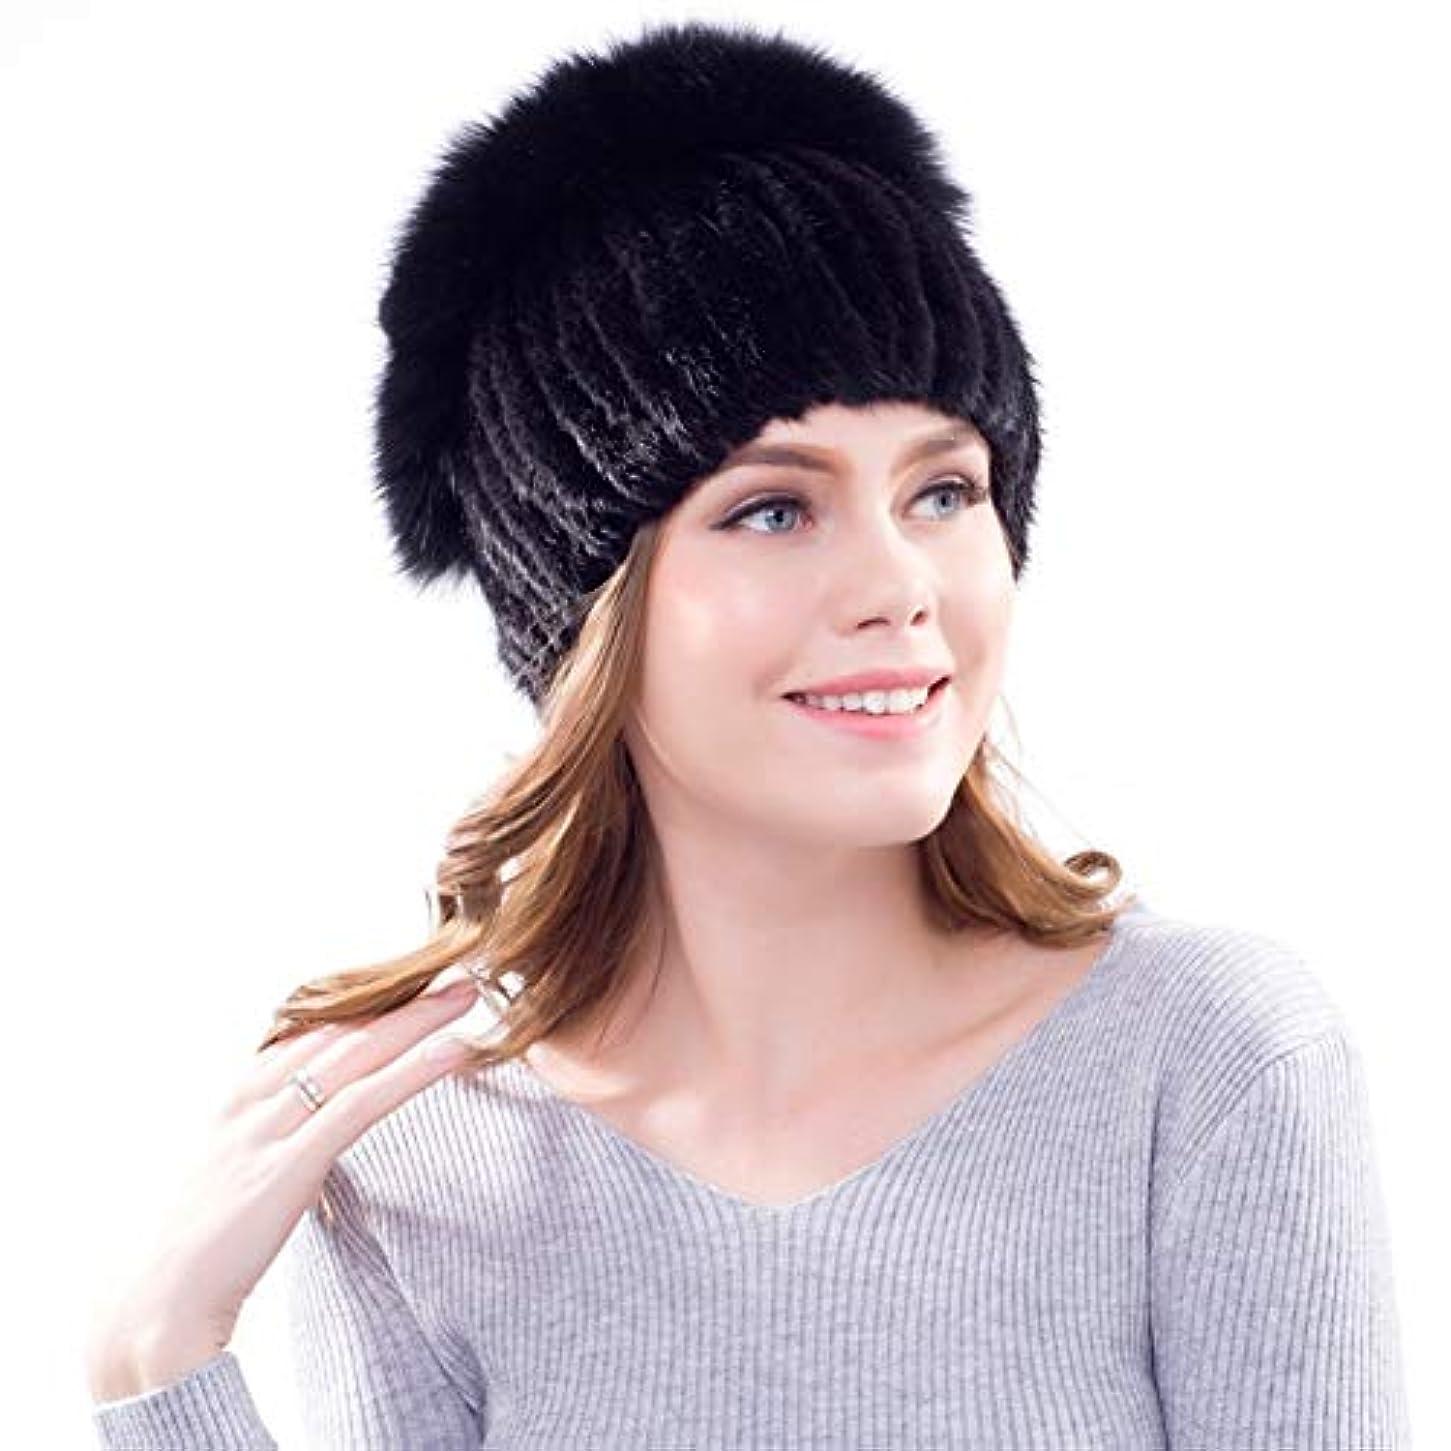 子供っぽい医療の類人猿ACAO さんの秋と冬の帽子ニットミンクの毛皮のロシア風暖かいイヤーキャップ (色 : ブラック, Size : L)